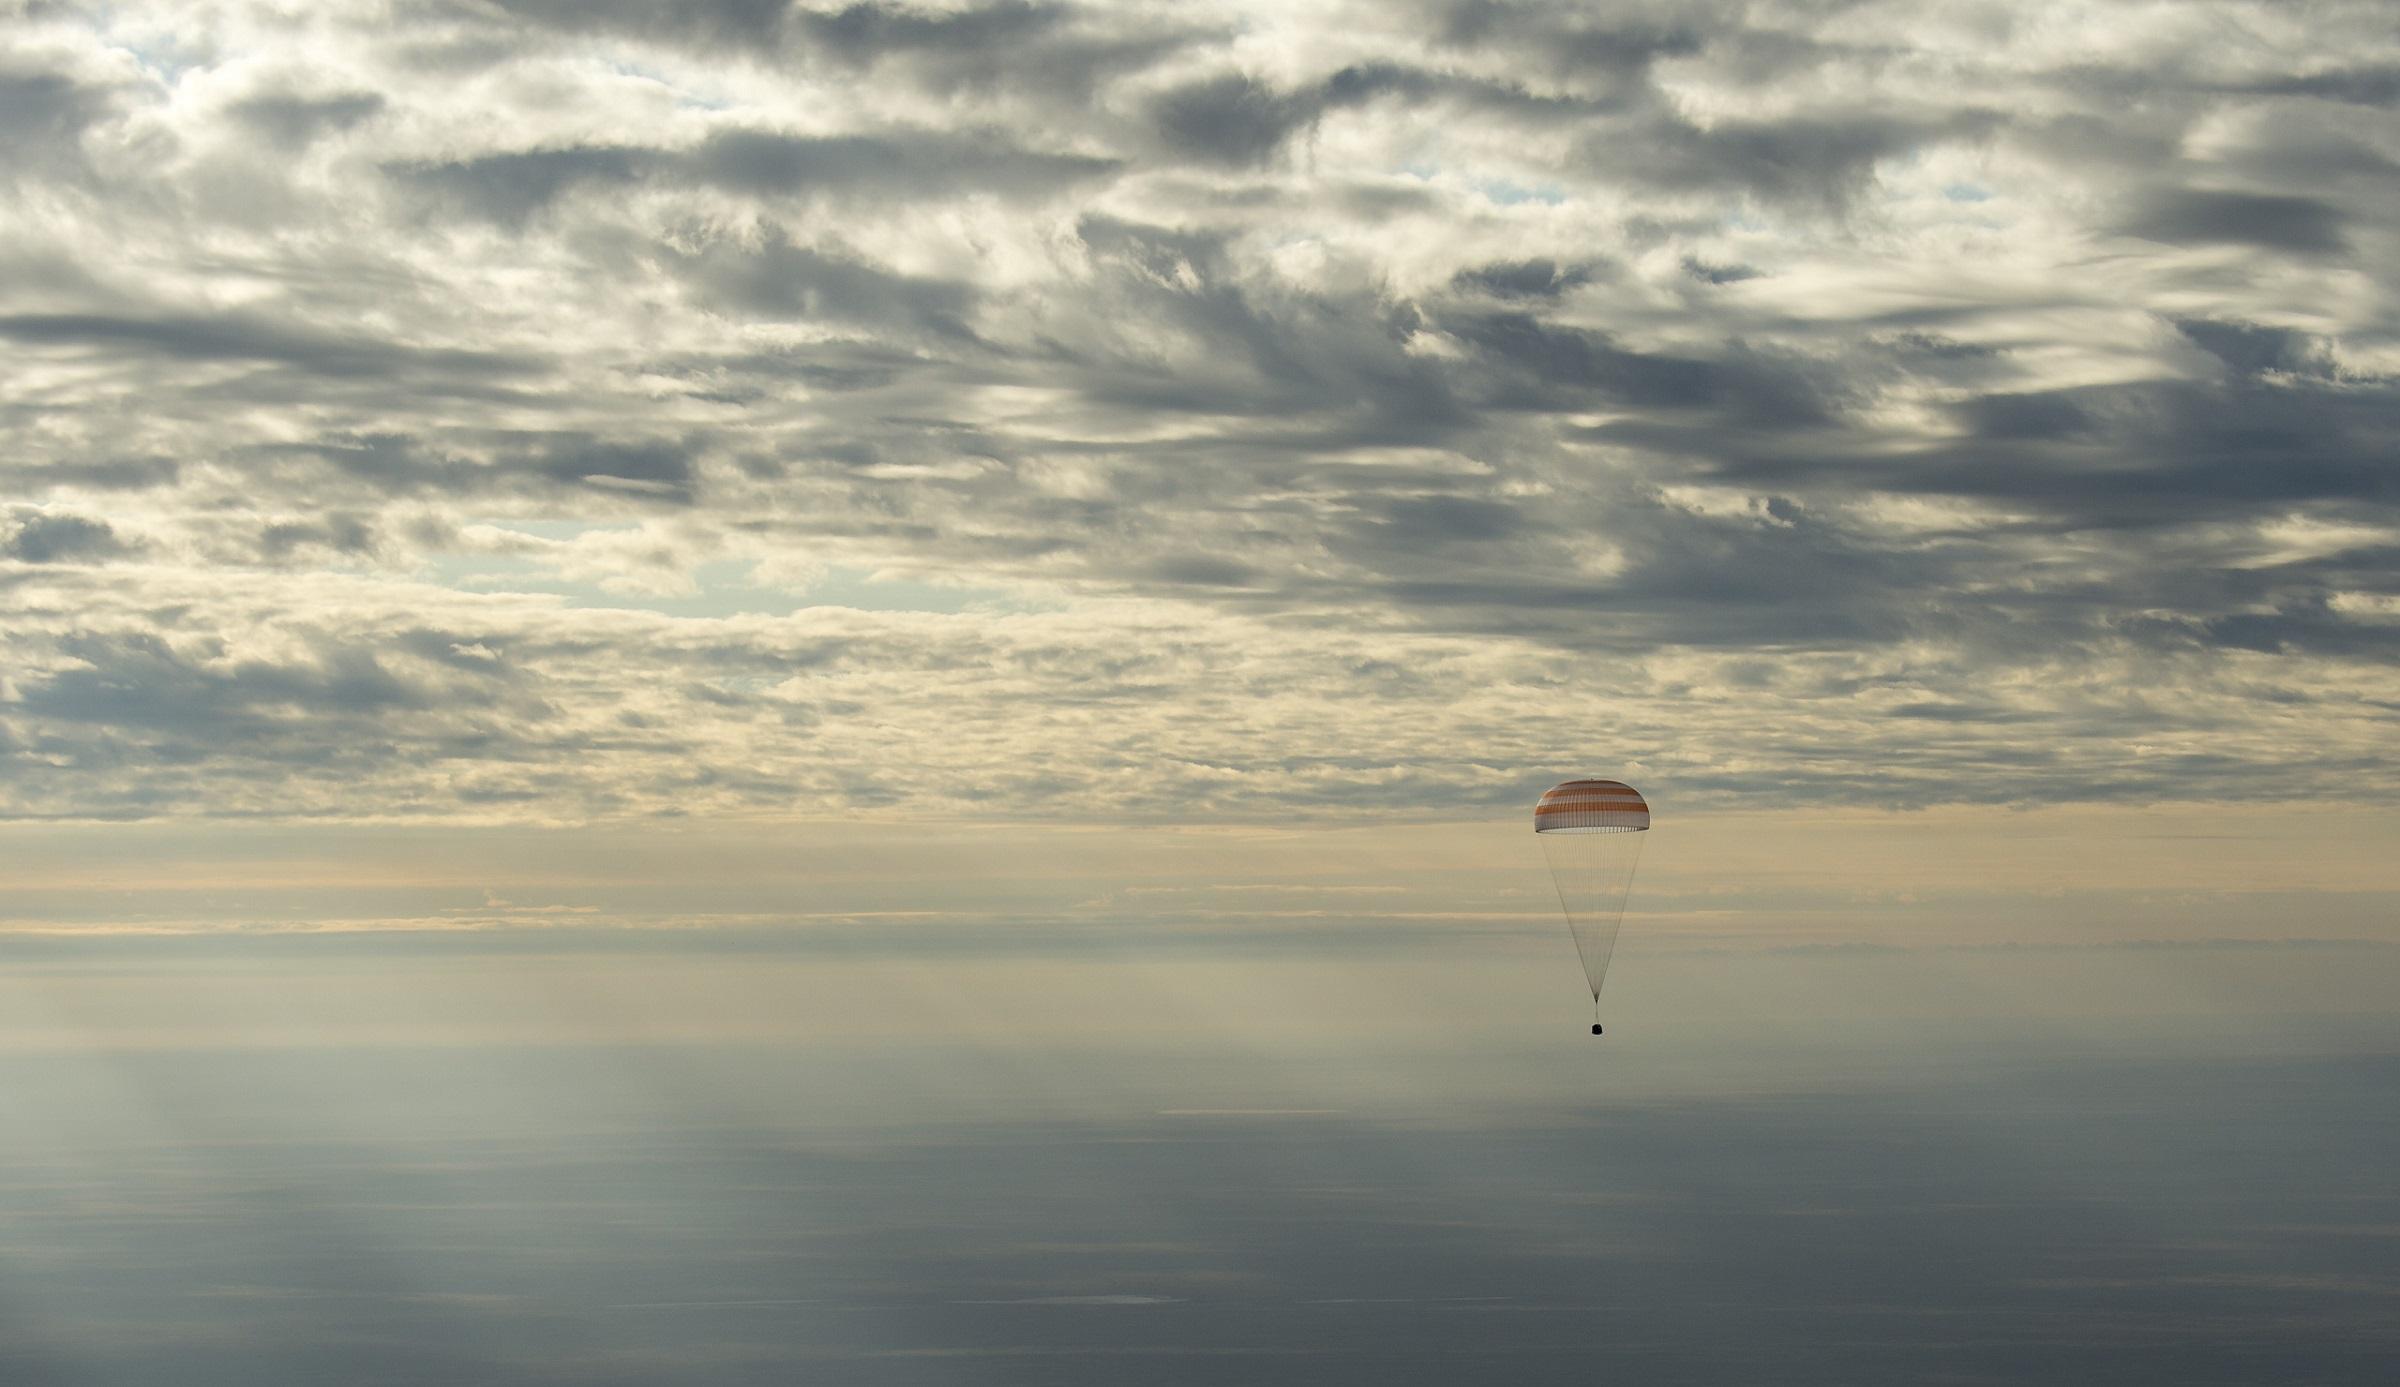 Θεαματική Εκτόξευση του Falcon 9 Φώτισε το Νυχτερινό Ουρανό της Καλιφόρνιας